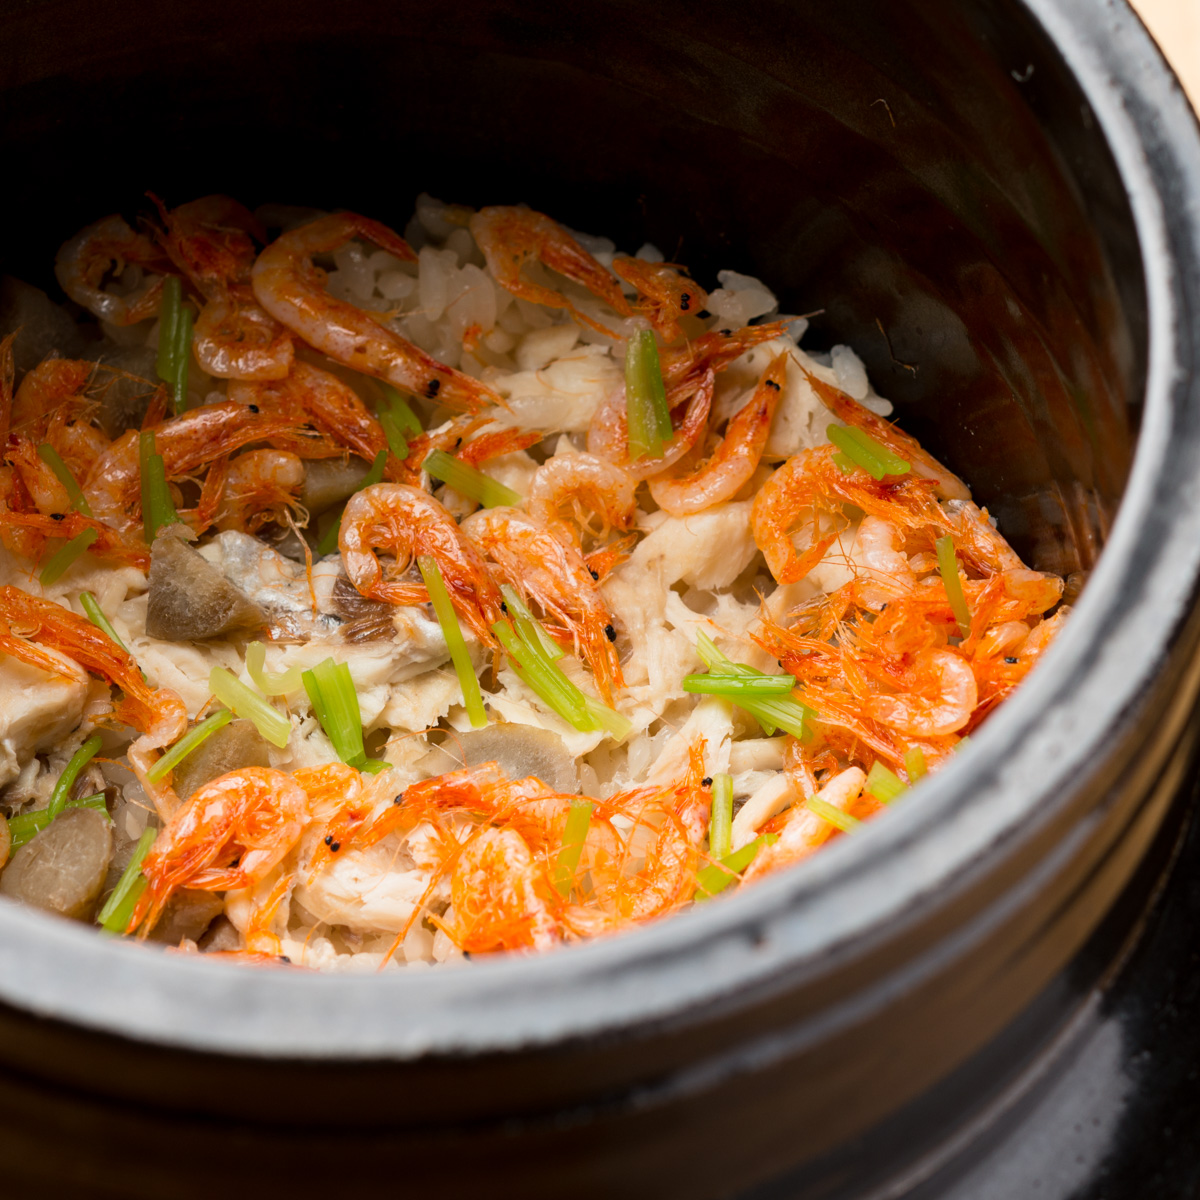 御飯物|鯛と桜海老と新ごぼうの炊き込み御飯、わかめの赤出汁